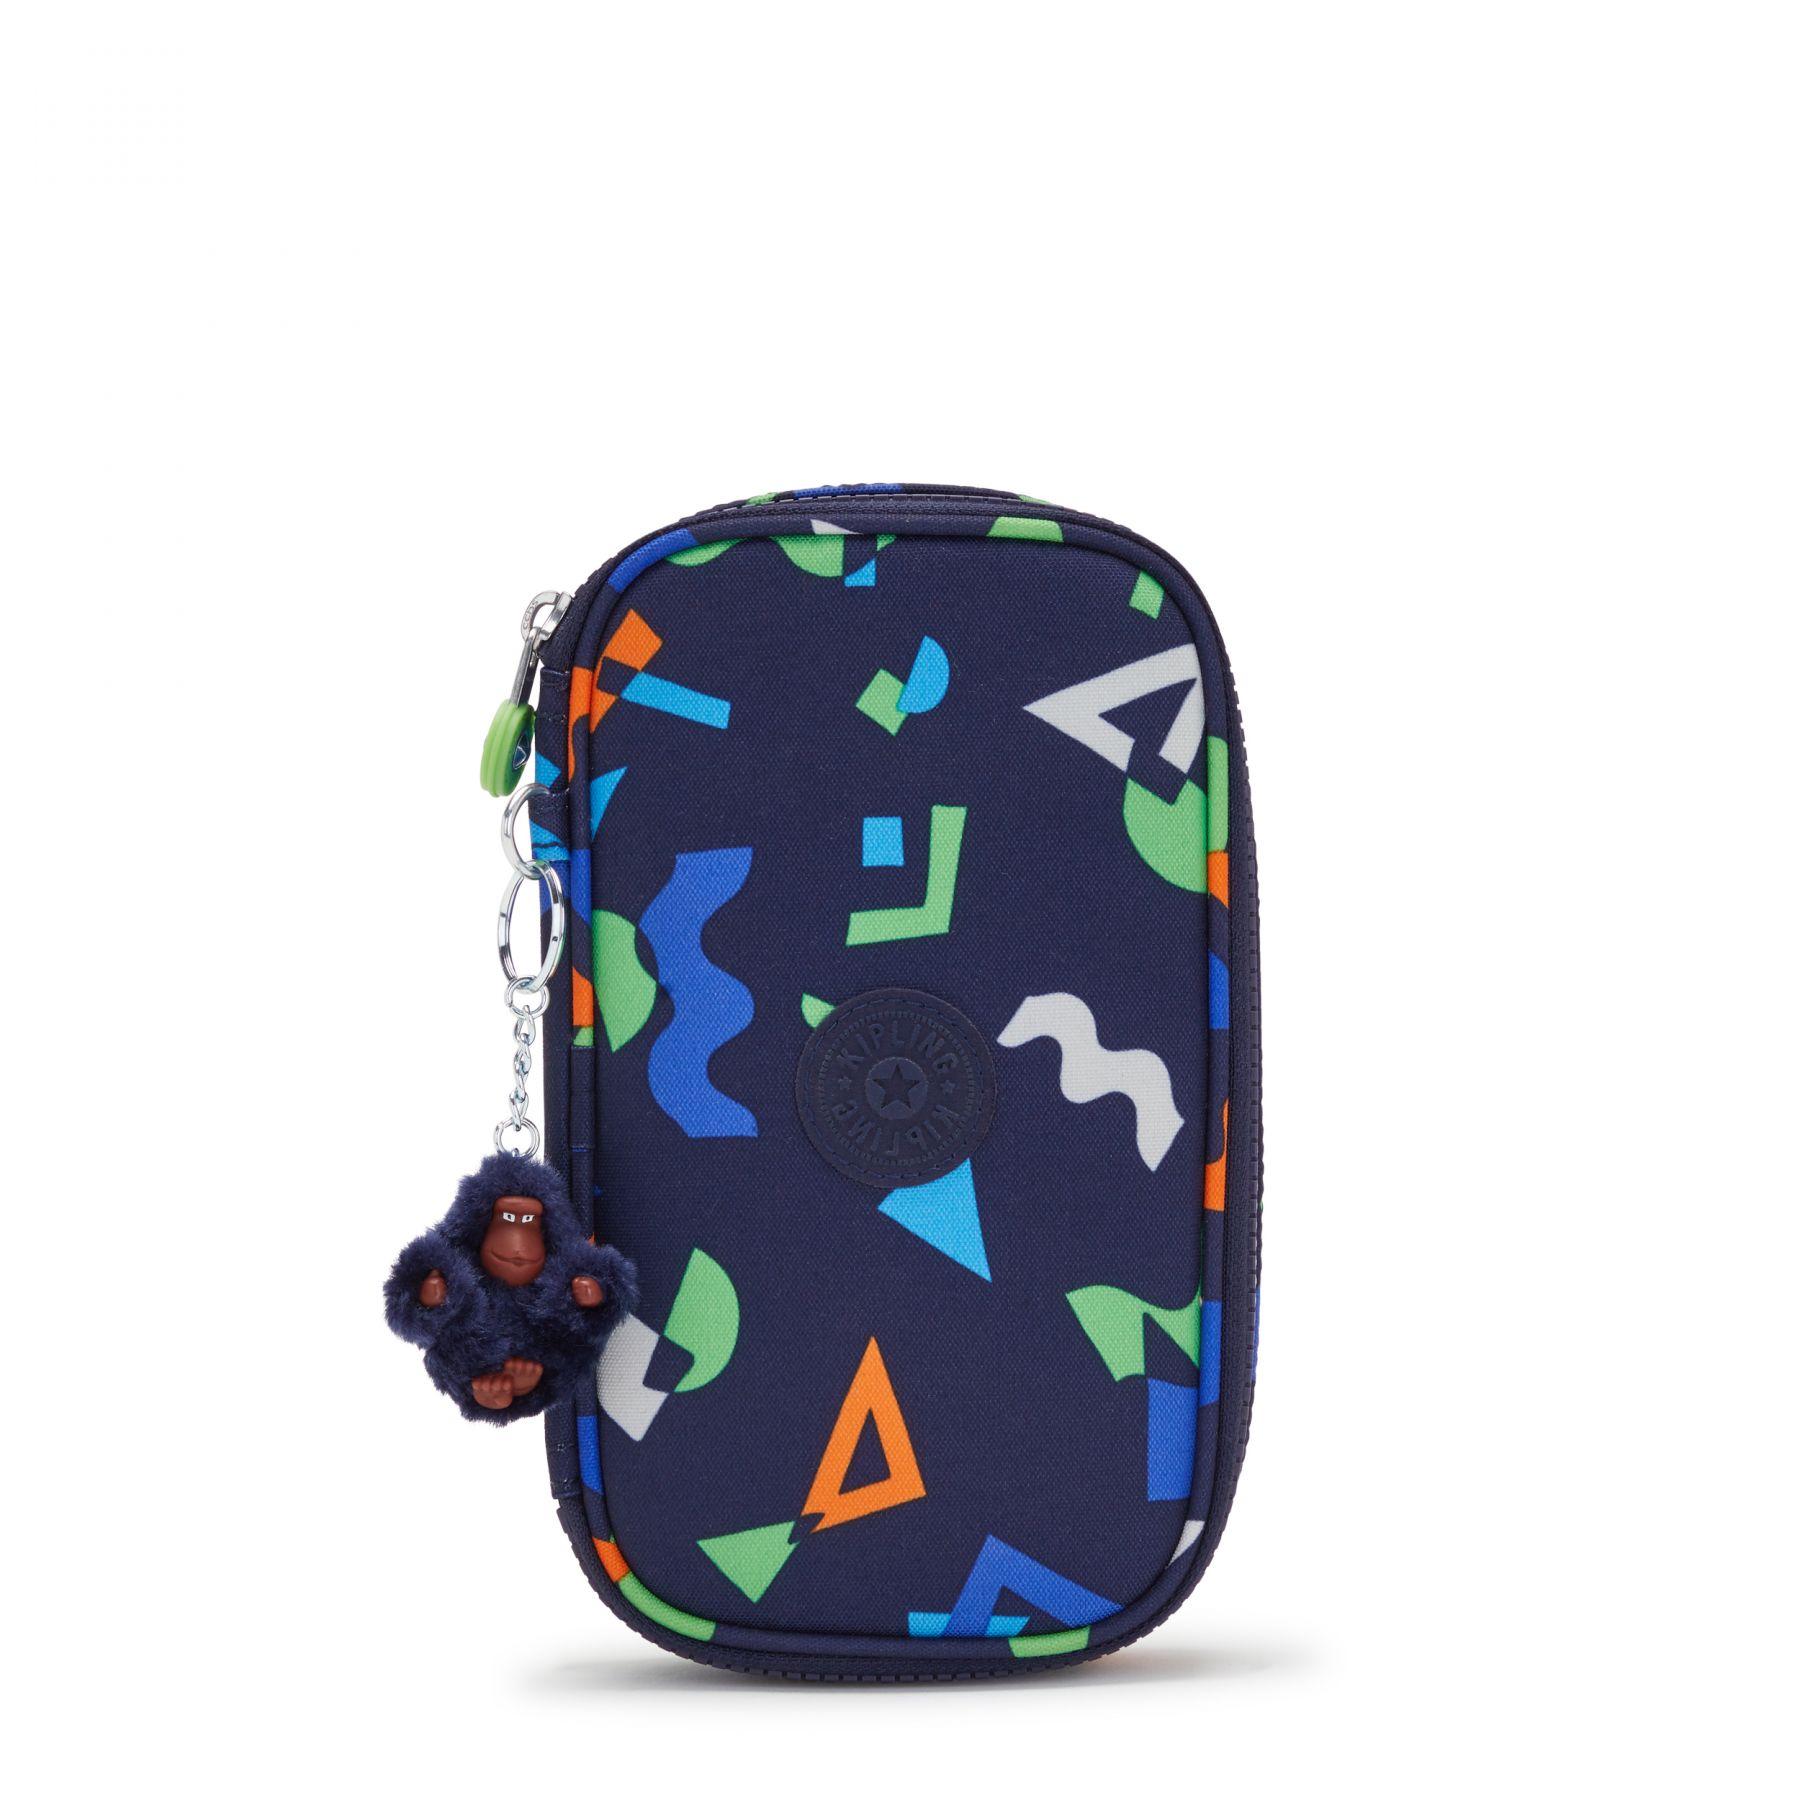 50 PENS SCHOOL BAGS by Kipling